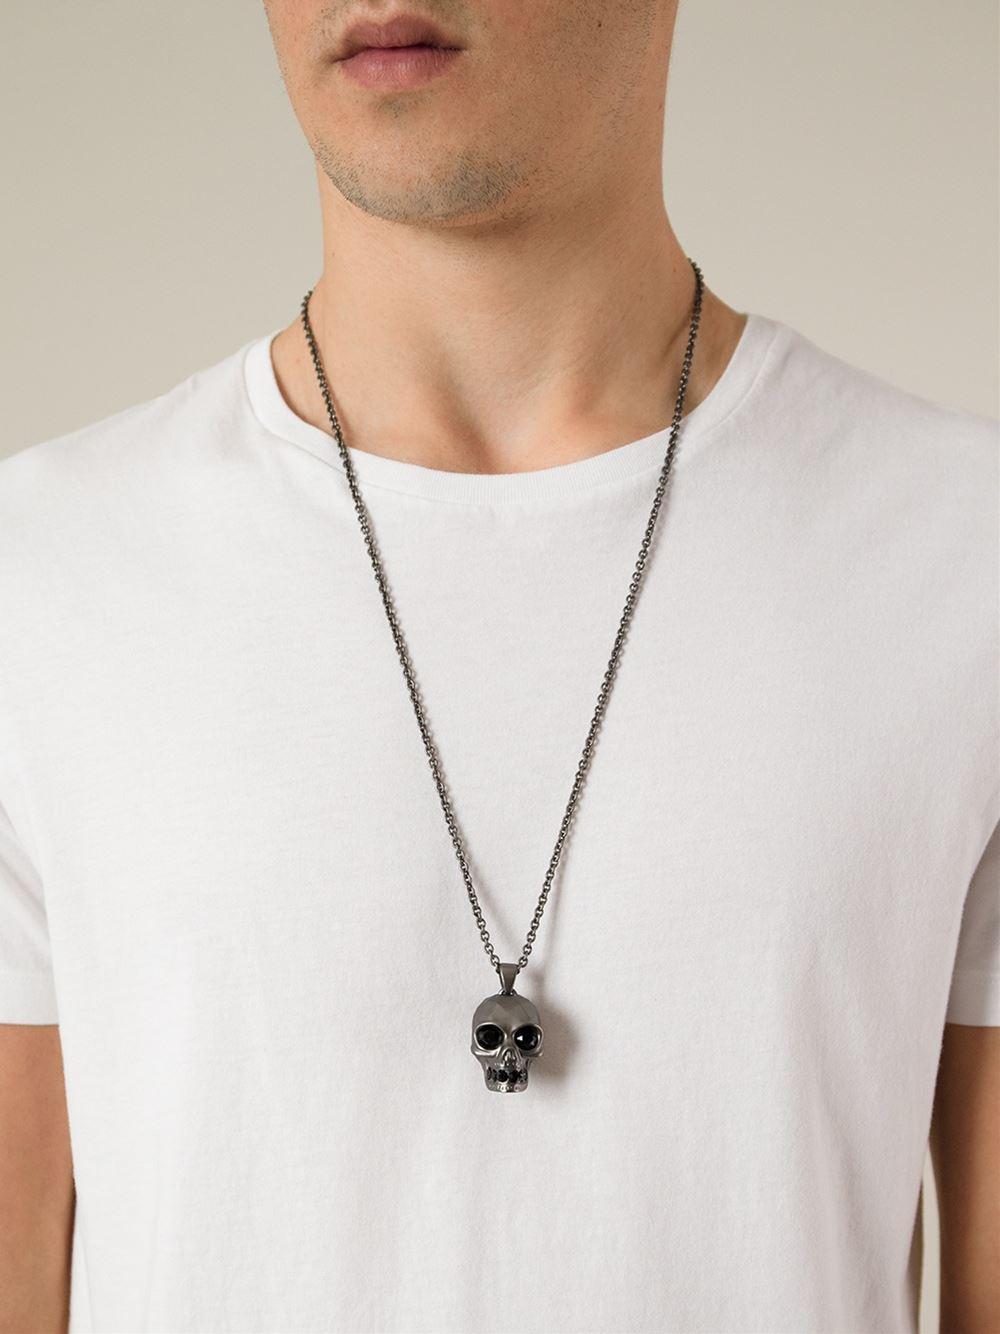 Lyst Alexander Mcqueen Skull Pendant Necklace in Metallic for Men